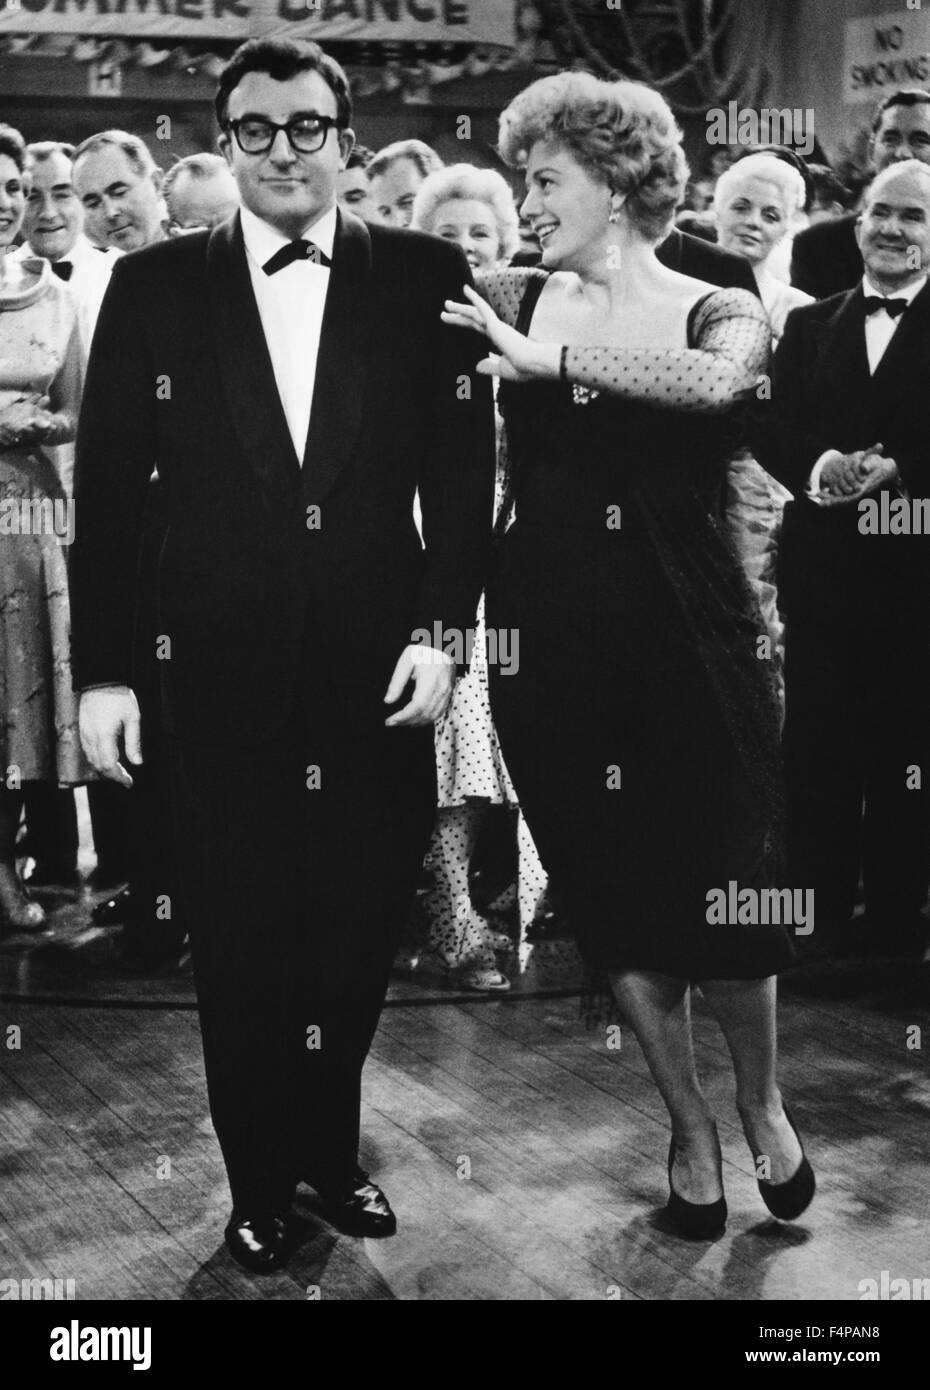 Peter Sellers, Shelley Winters / Lolita 1962 réalisé par Stanley Kubrick Photo Stock